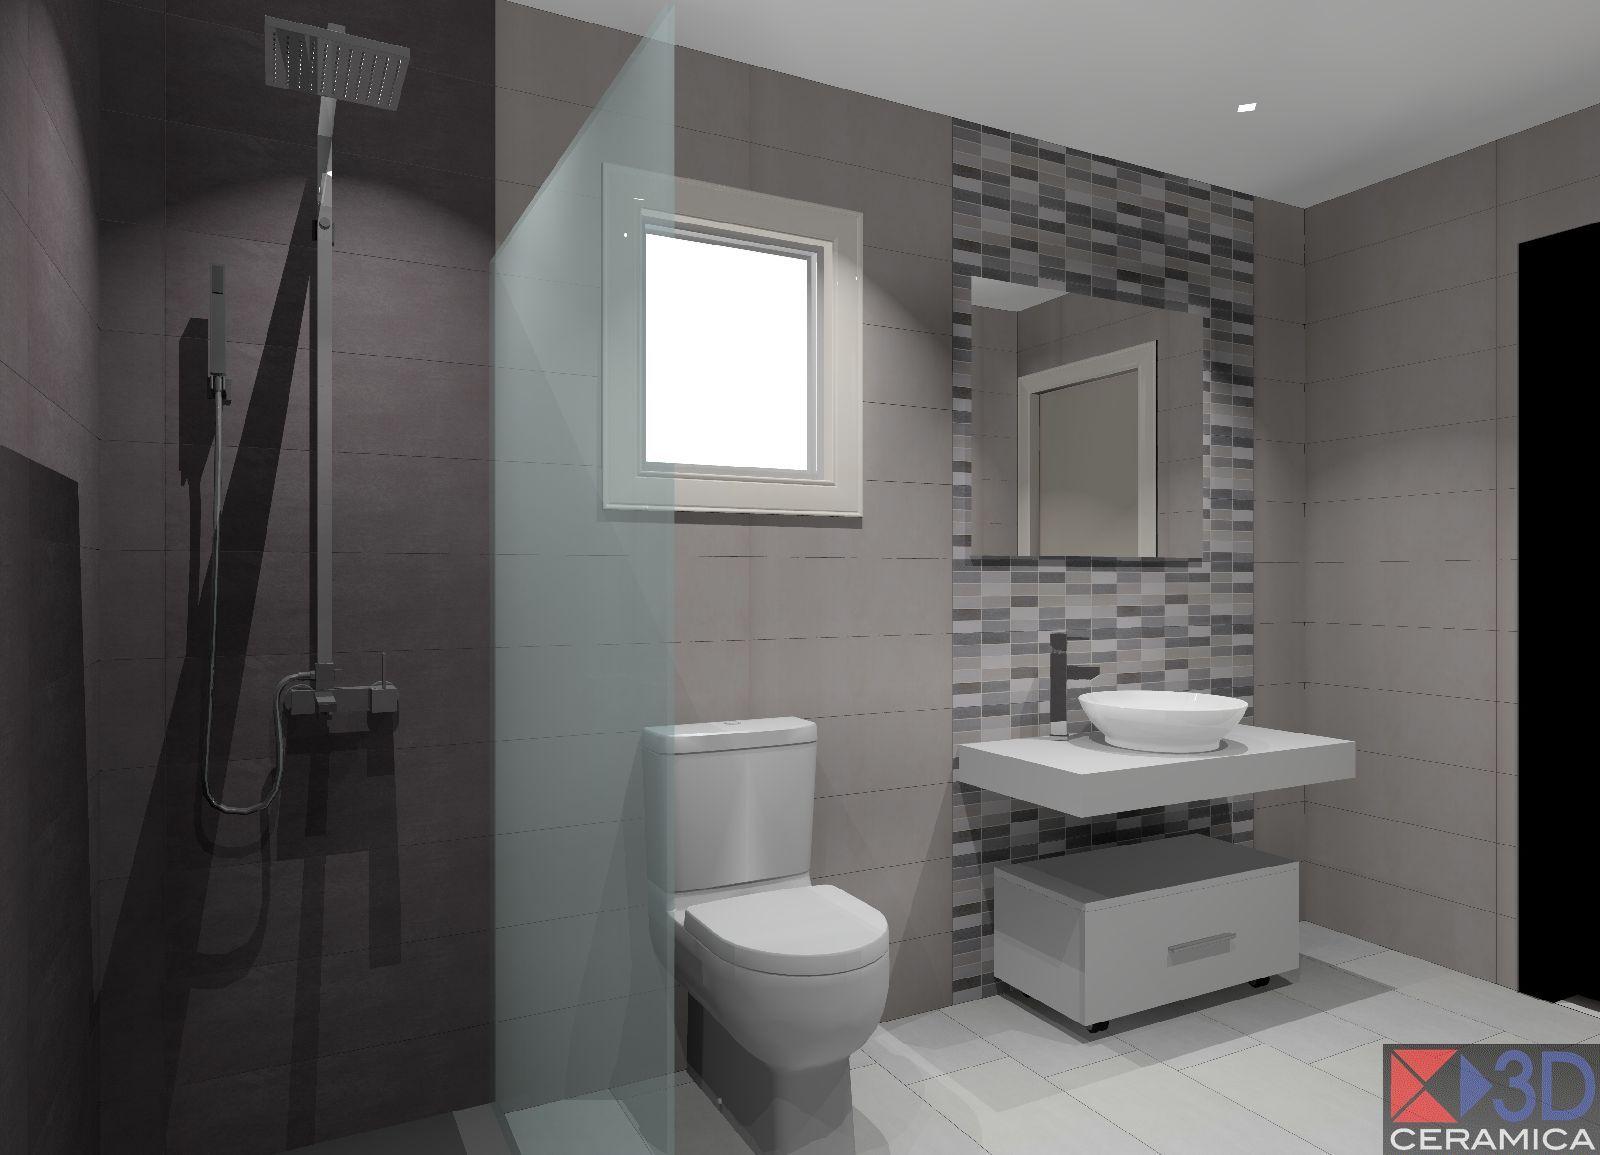 3dceramica, tu tienda para la reforma de tu baño o cocina en sevilla ...